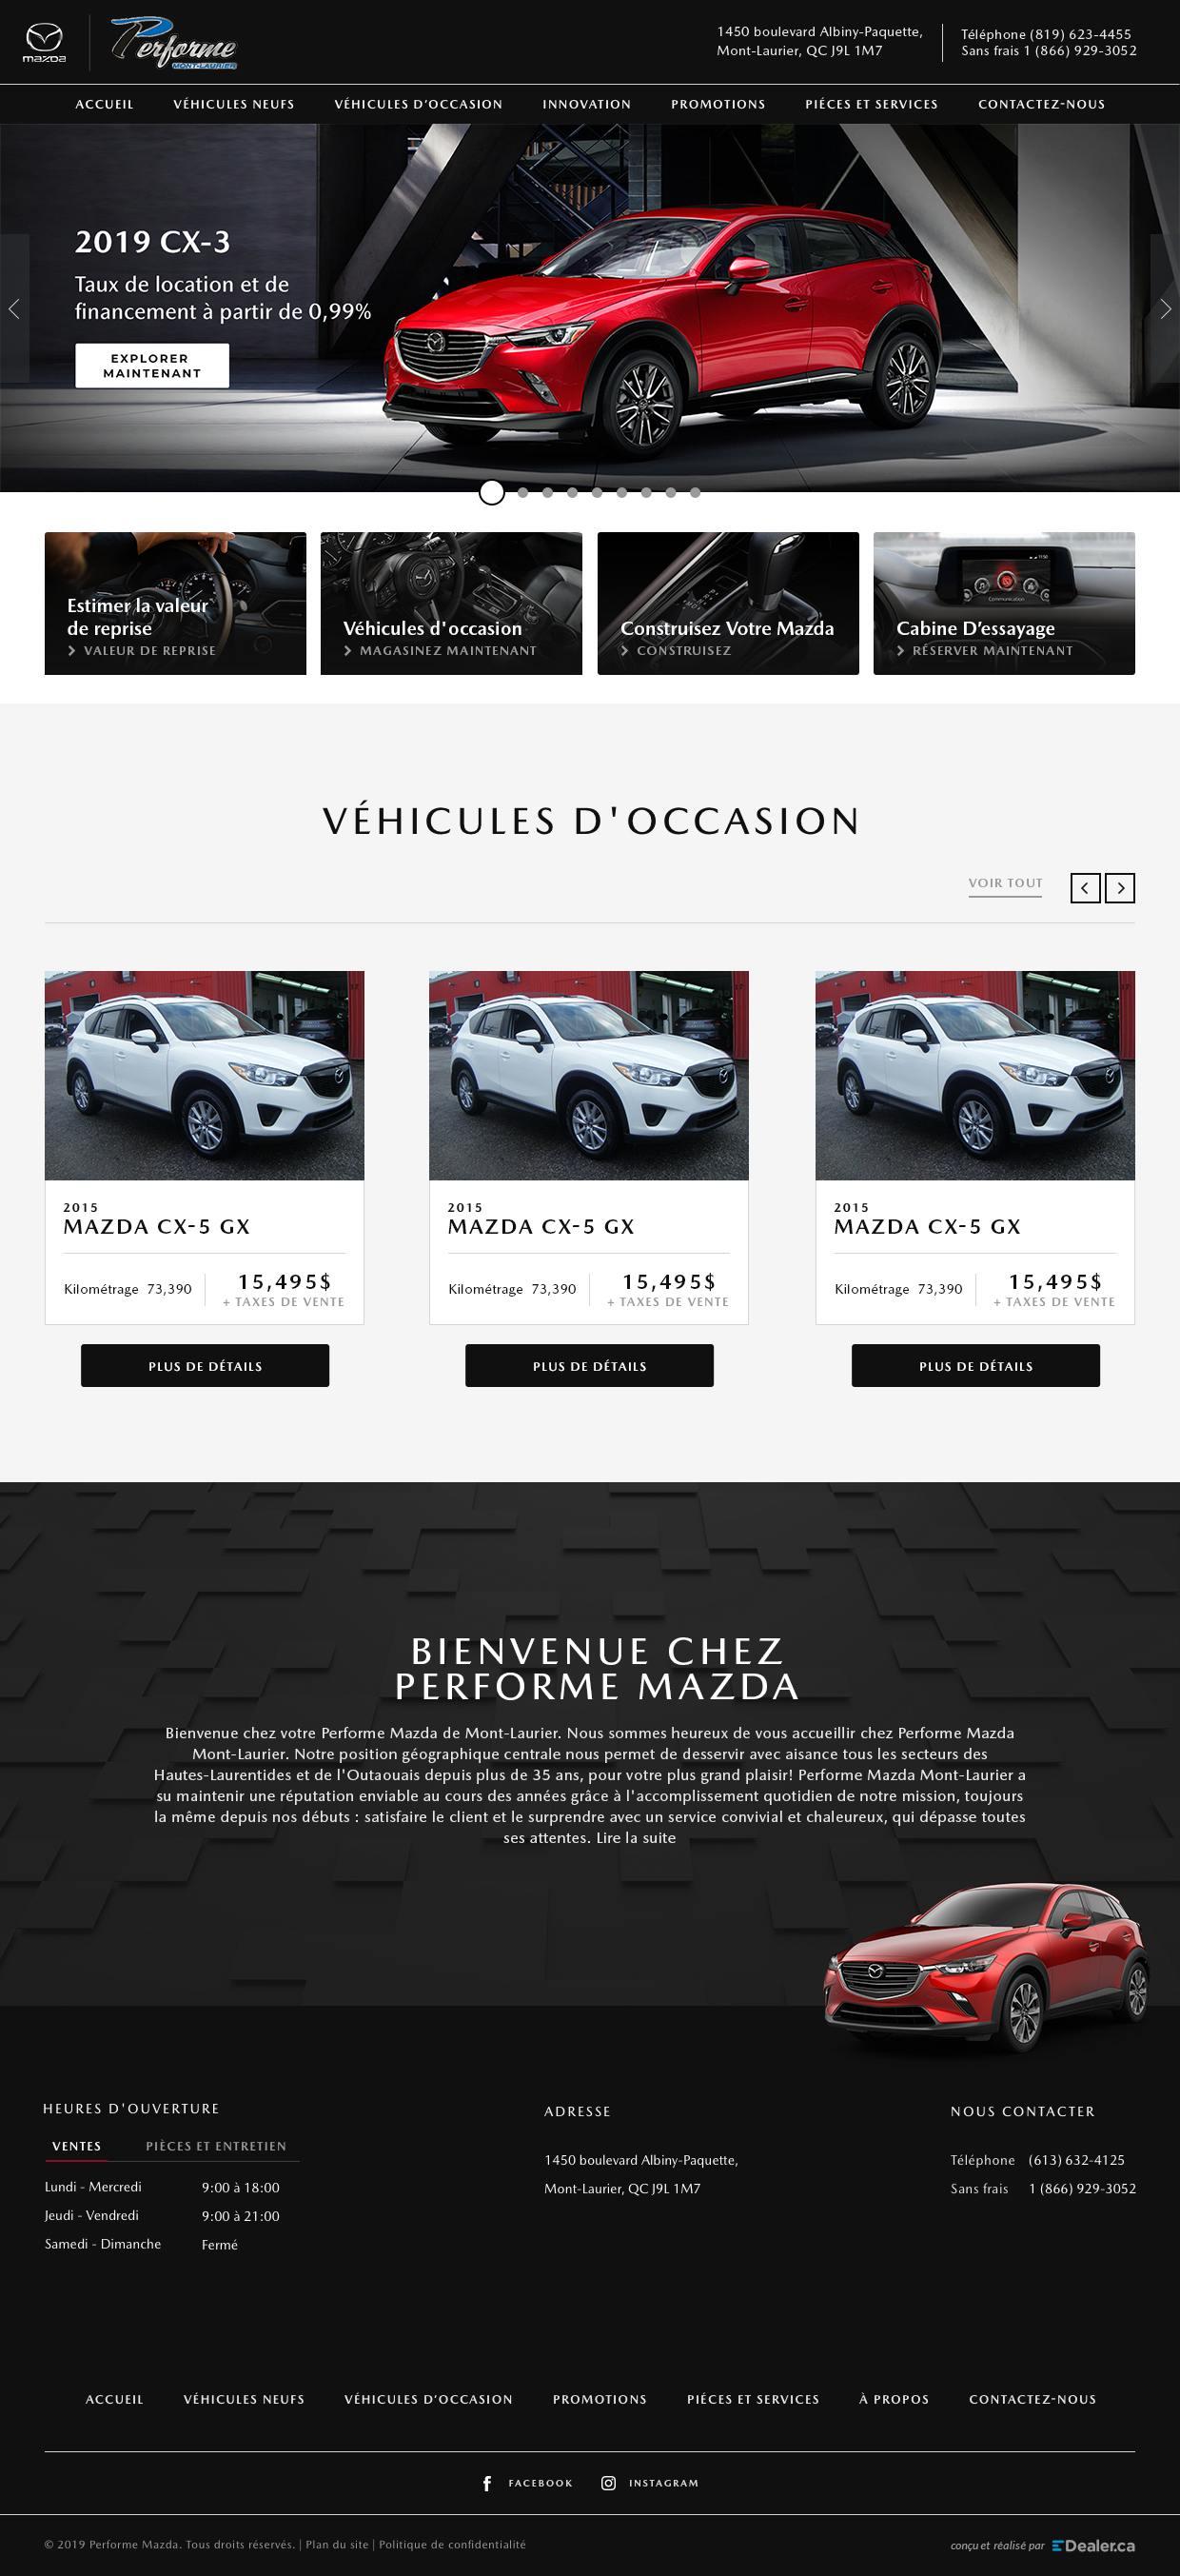 Performe Mazda